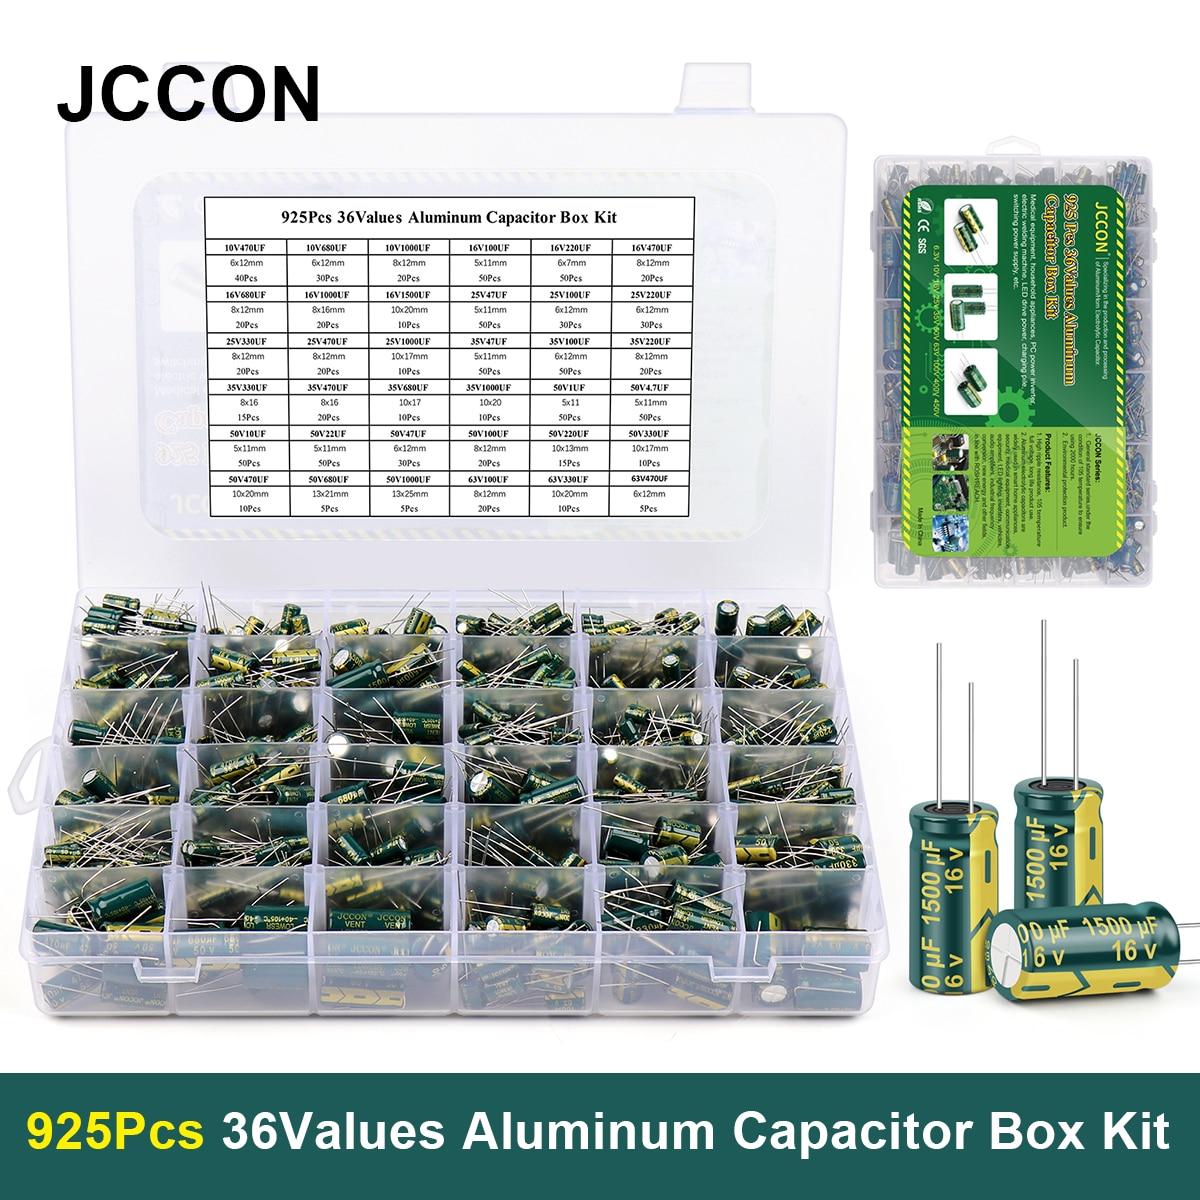 925 قطعة/صندوق 36 قيم JCCON ألومنيوم مُكثَّف كهربائيًا 10 فولت-63 فولت 1 فائق التوهج-1500 فائق التوهج طقم متنوع صندوق تخزين عالي التردد منخفض ESR